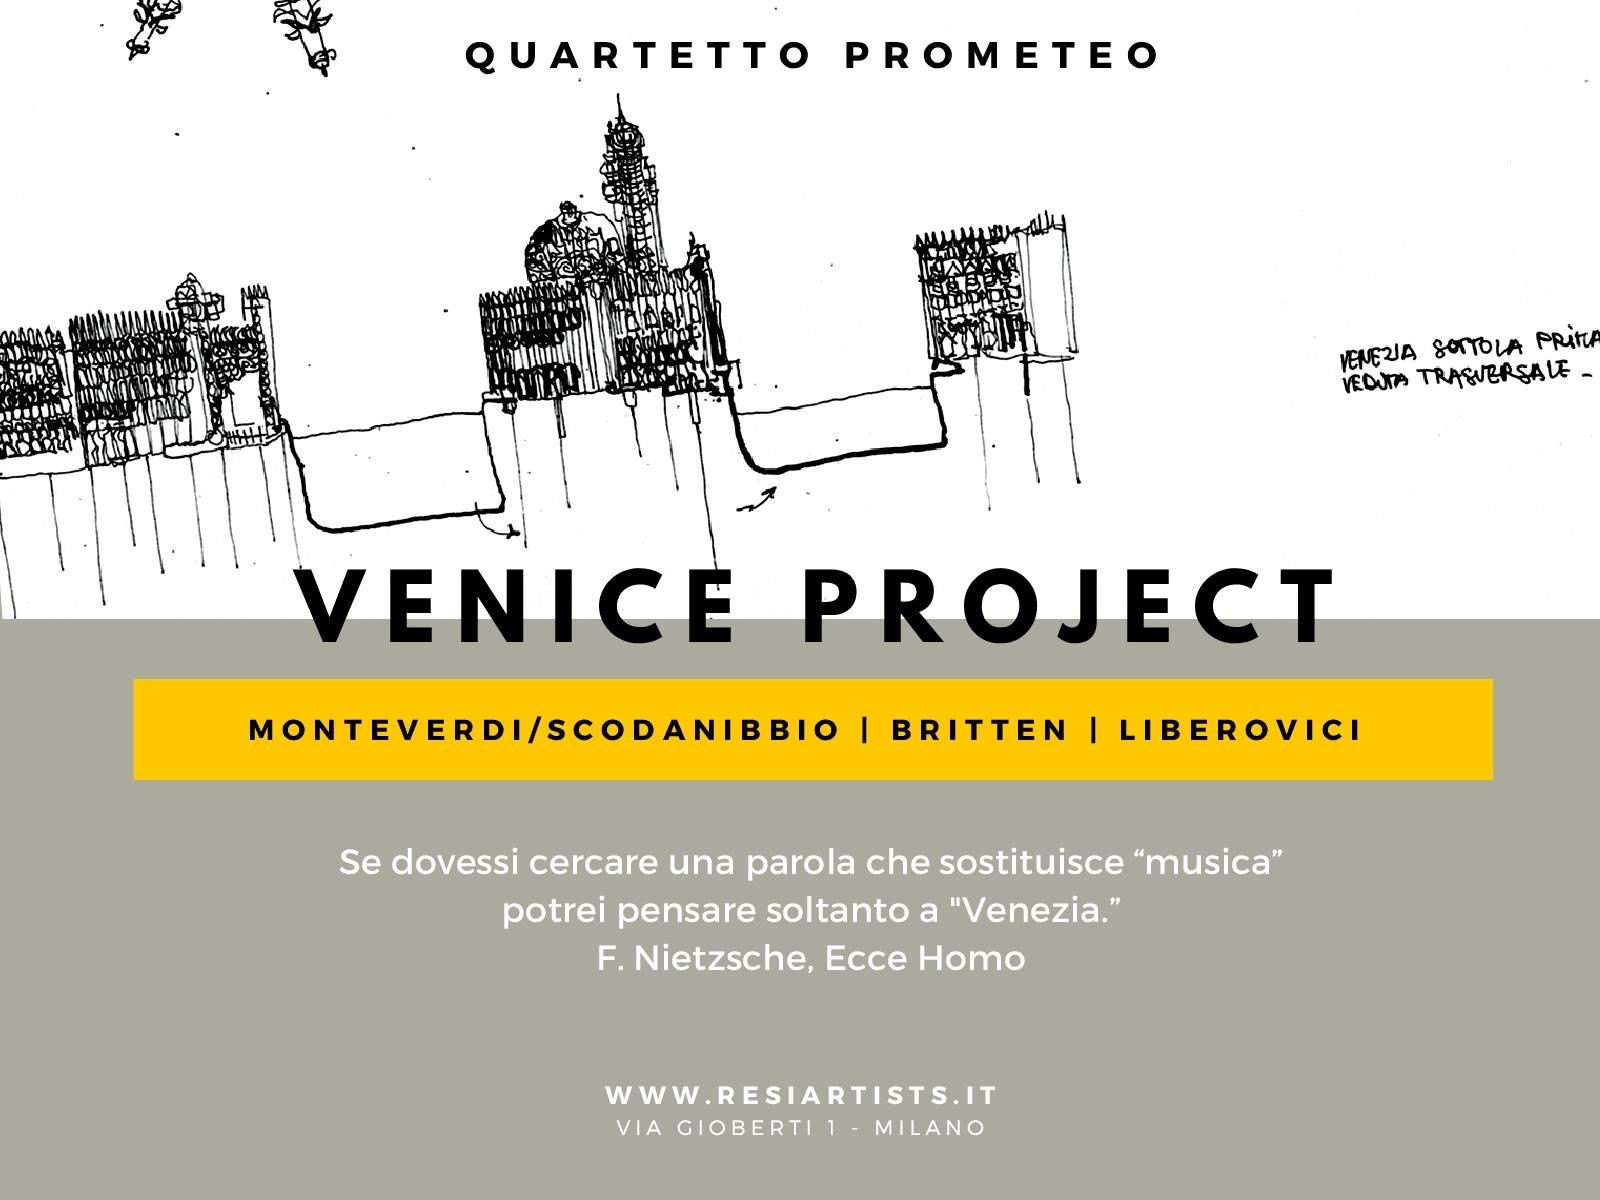 Venice Project